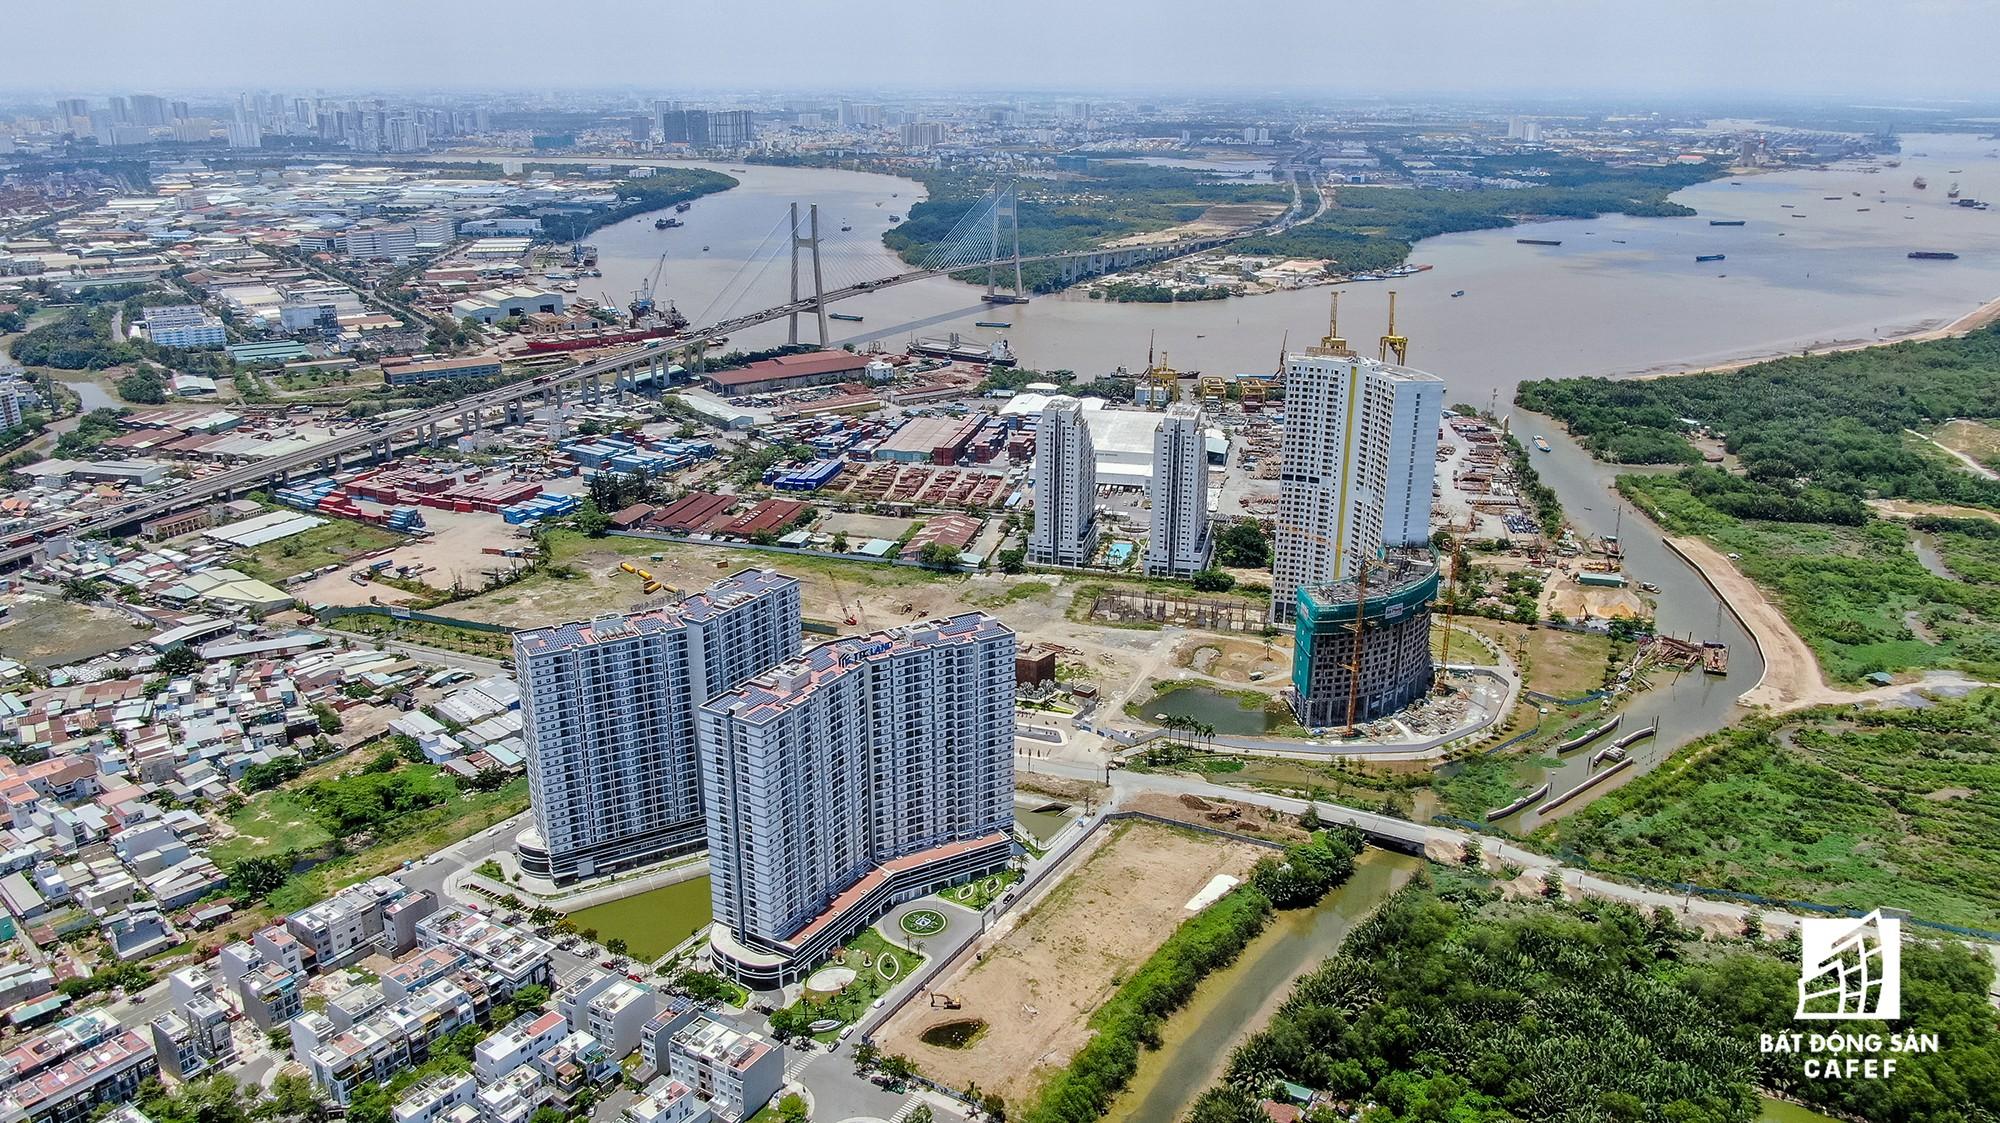 Cung đường dự án tỷ đô khiến bất động sản khu Nam Sài Gòn trỗi dậy - Ảnh 2.